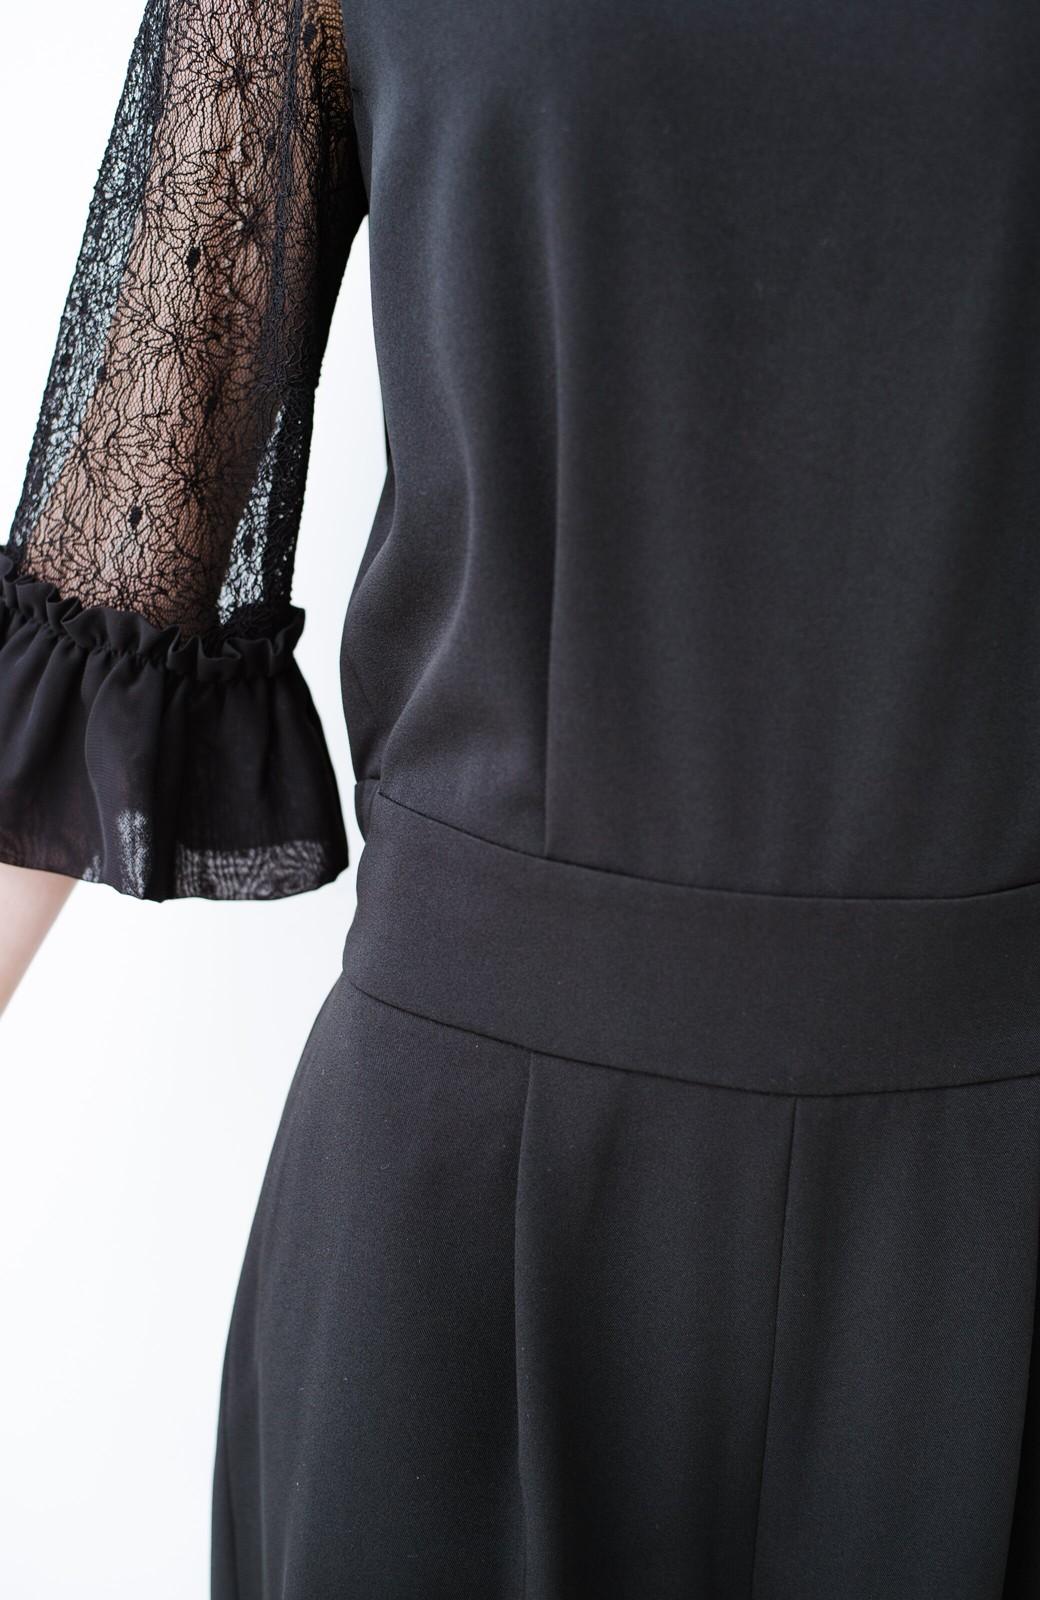 haco! 結婚式や二次会に便利!背が小さいさんもバランスよく着られる きちんと見えて楽ちんなオトナっぽオールインワン <ブラック>の商品写真17